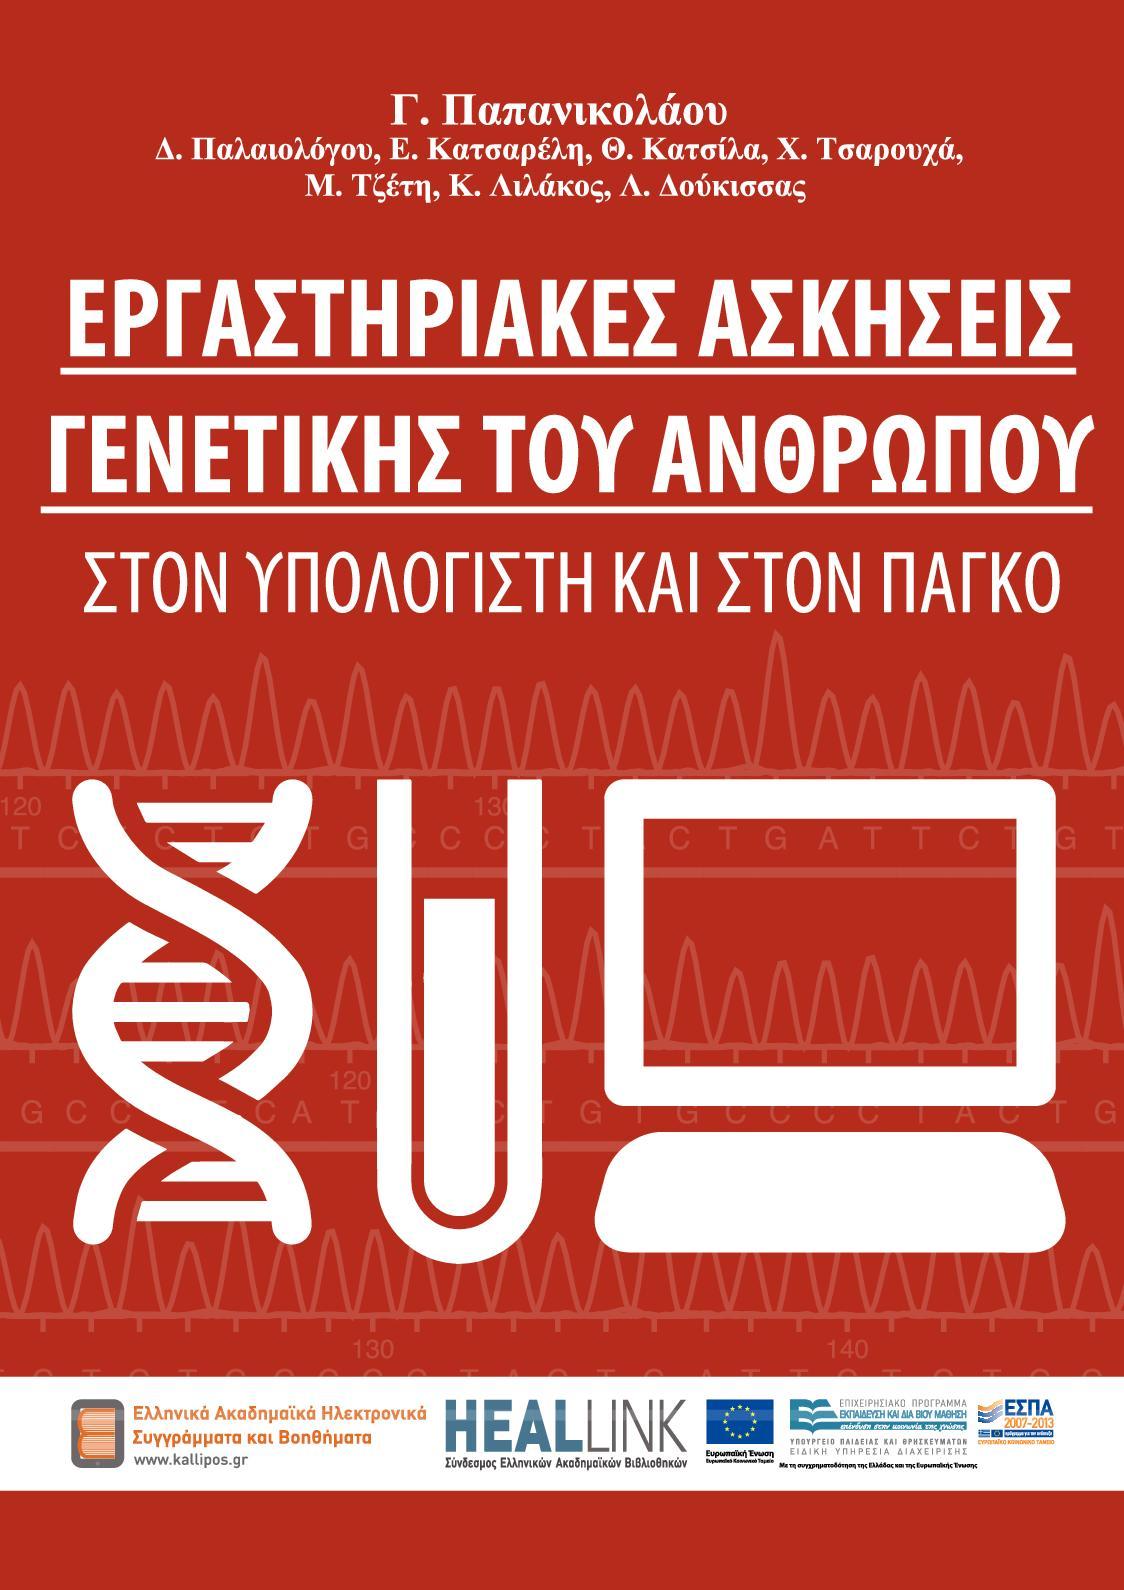 7d95edd2eb5 Calaméo - Εργαστηριακές Ασκήσεις Γενετικής του Ανθρώπου.